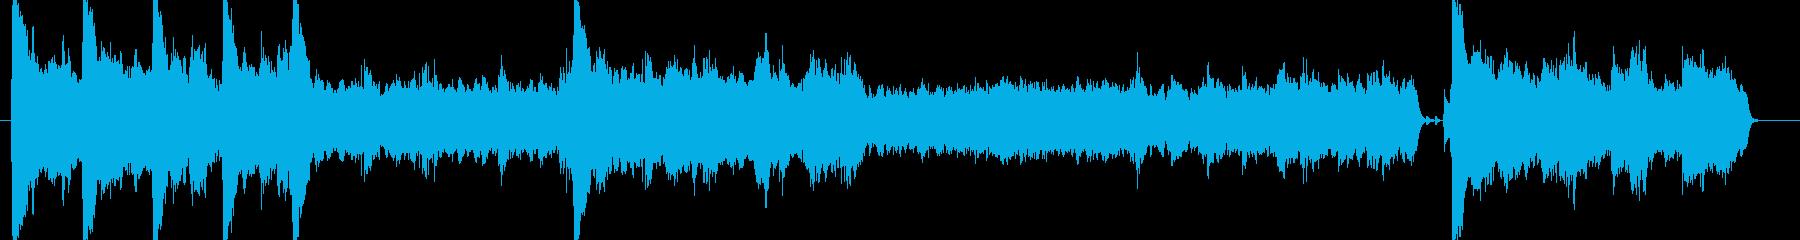 絶望を感じさせる楽曲の再生済みの波形